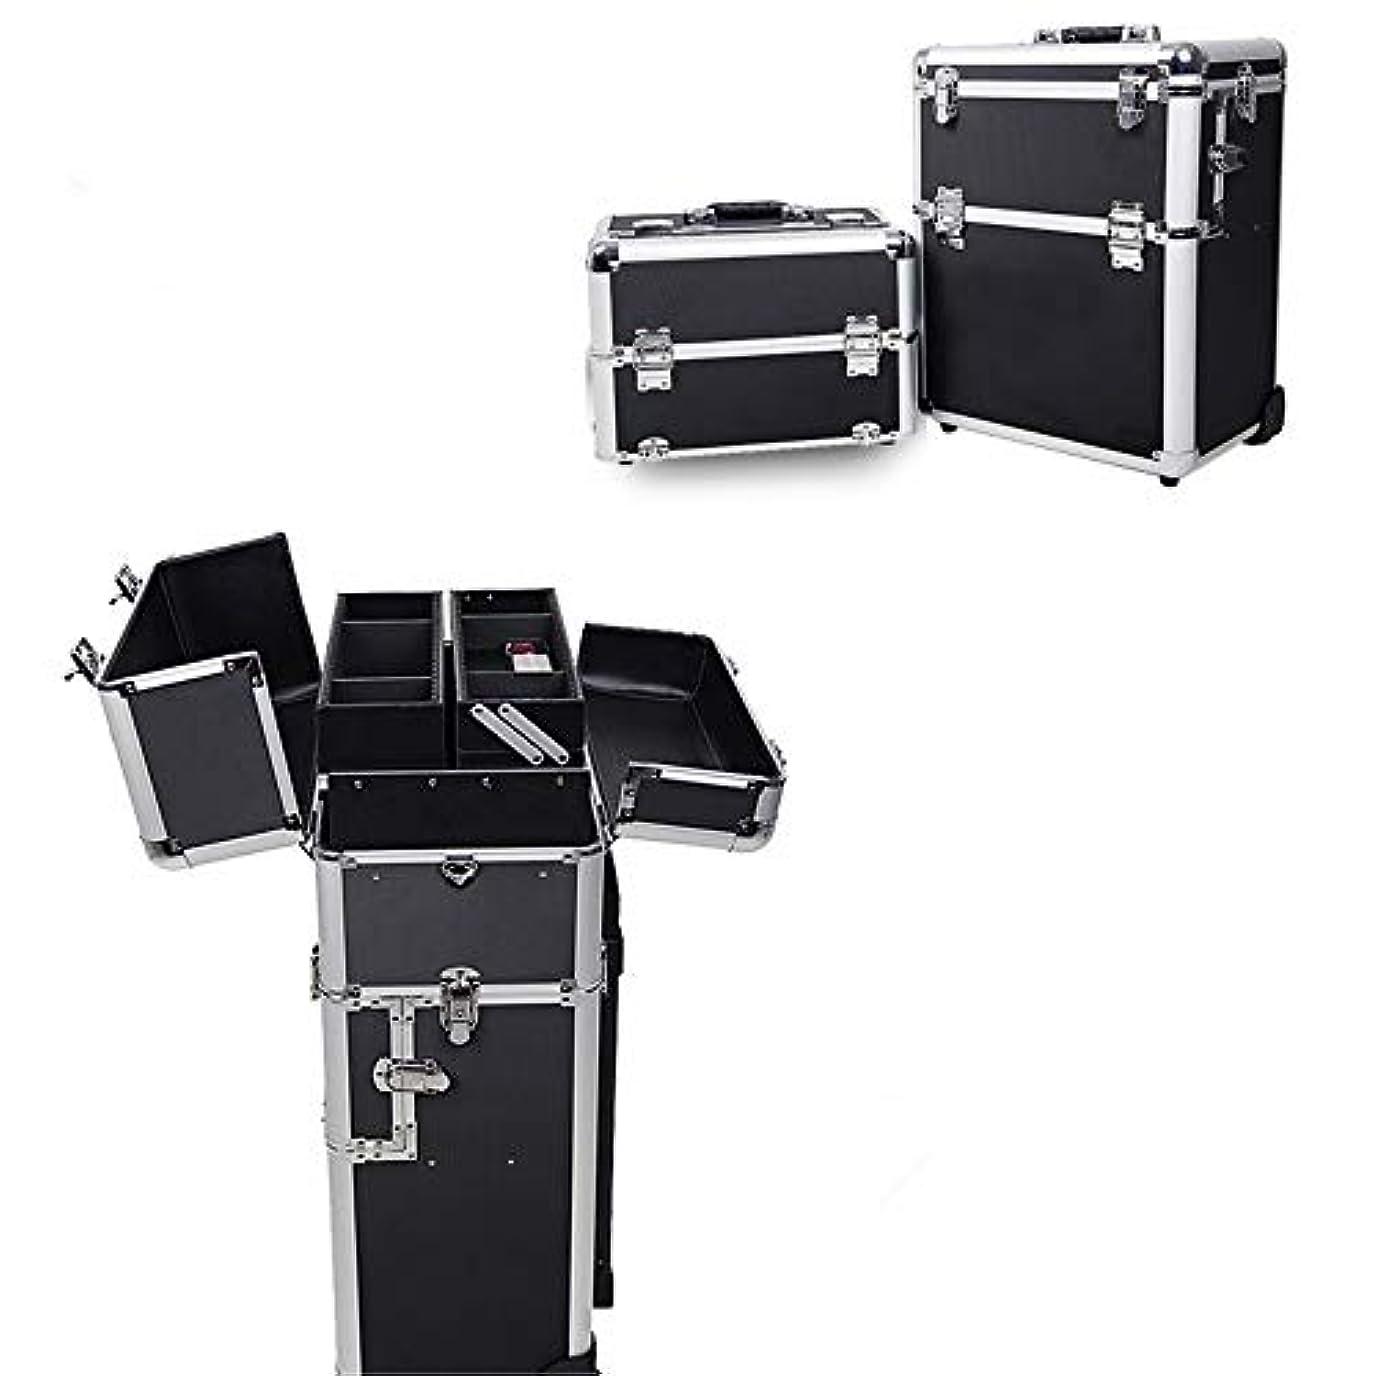 運賃センサーコール化粧オーガナイザーバッグ 旅行メイクバッグ3層スーツケースメイク化粧品バッグポータブルトイレタージュ化粧ケース 化粧品ケース